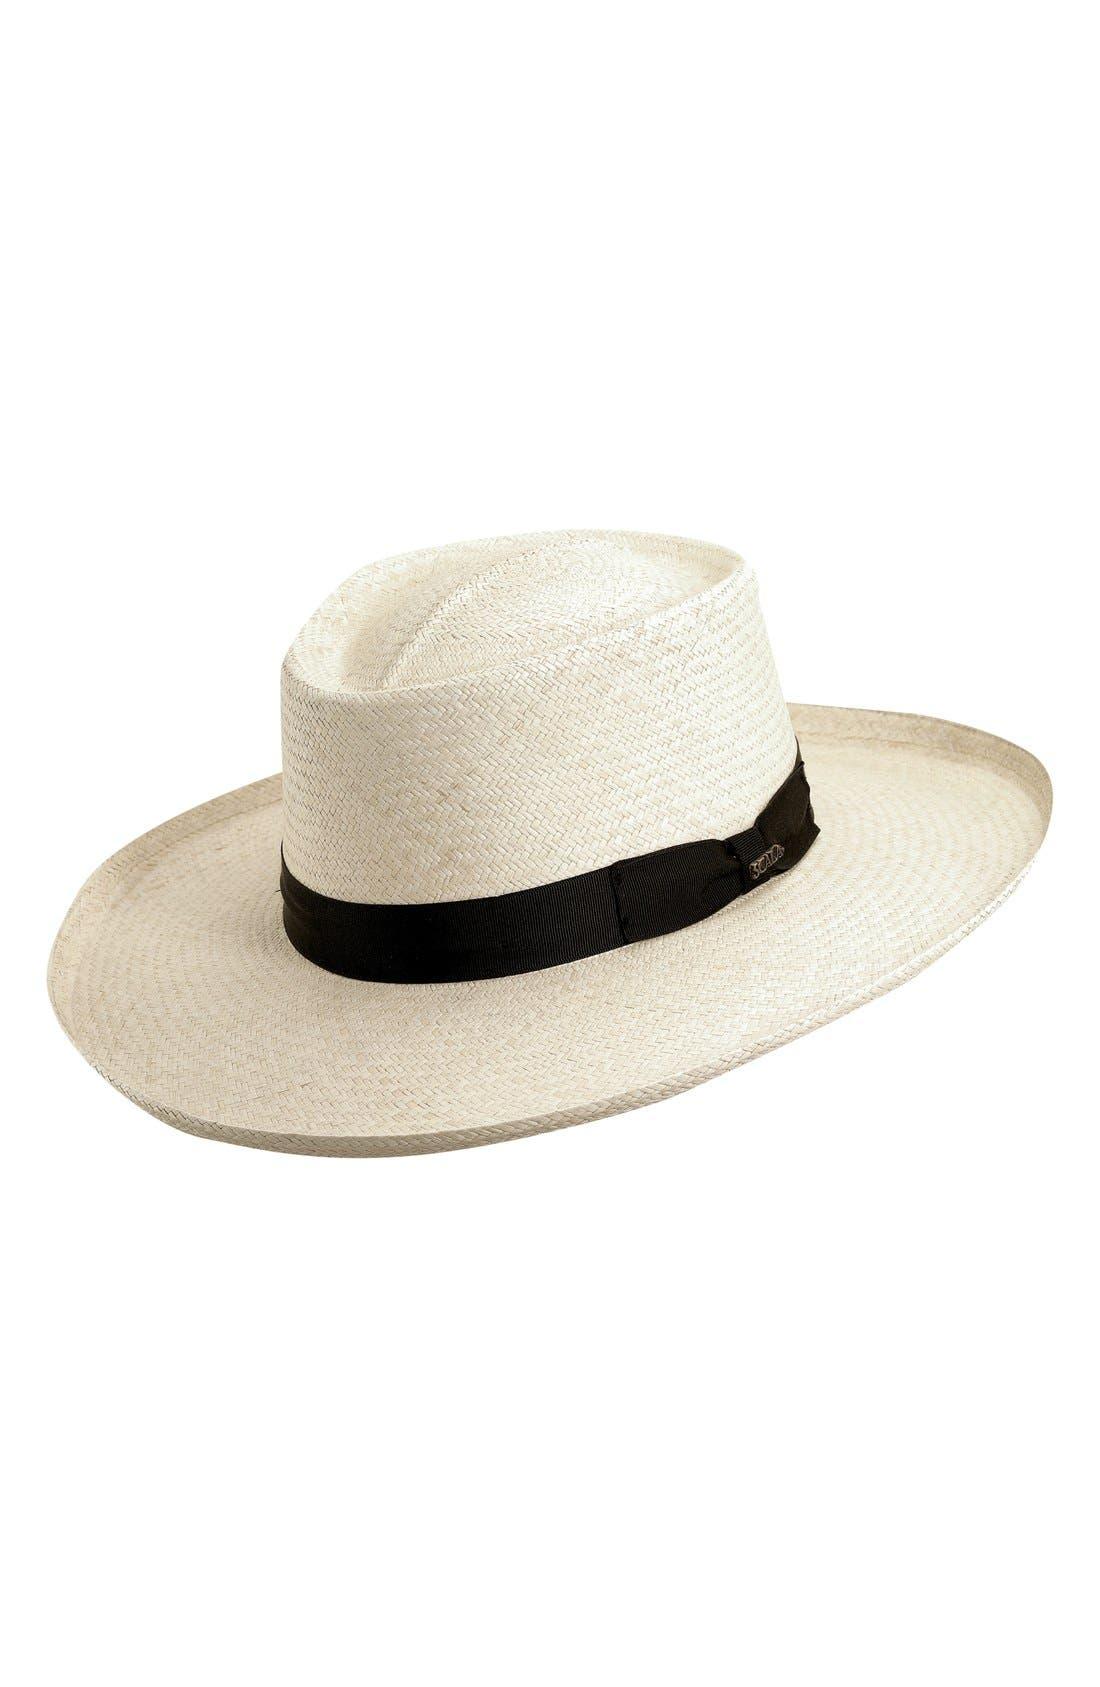 Straw Gambler Hat,                             Main thumbnail 1, color,                             Natural